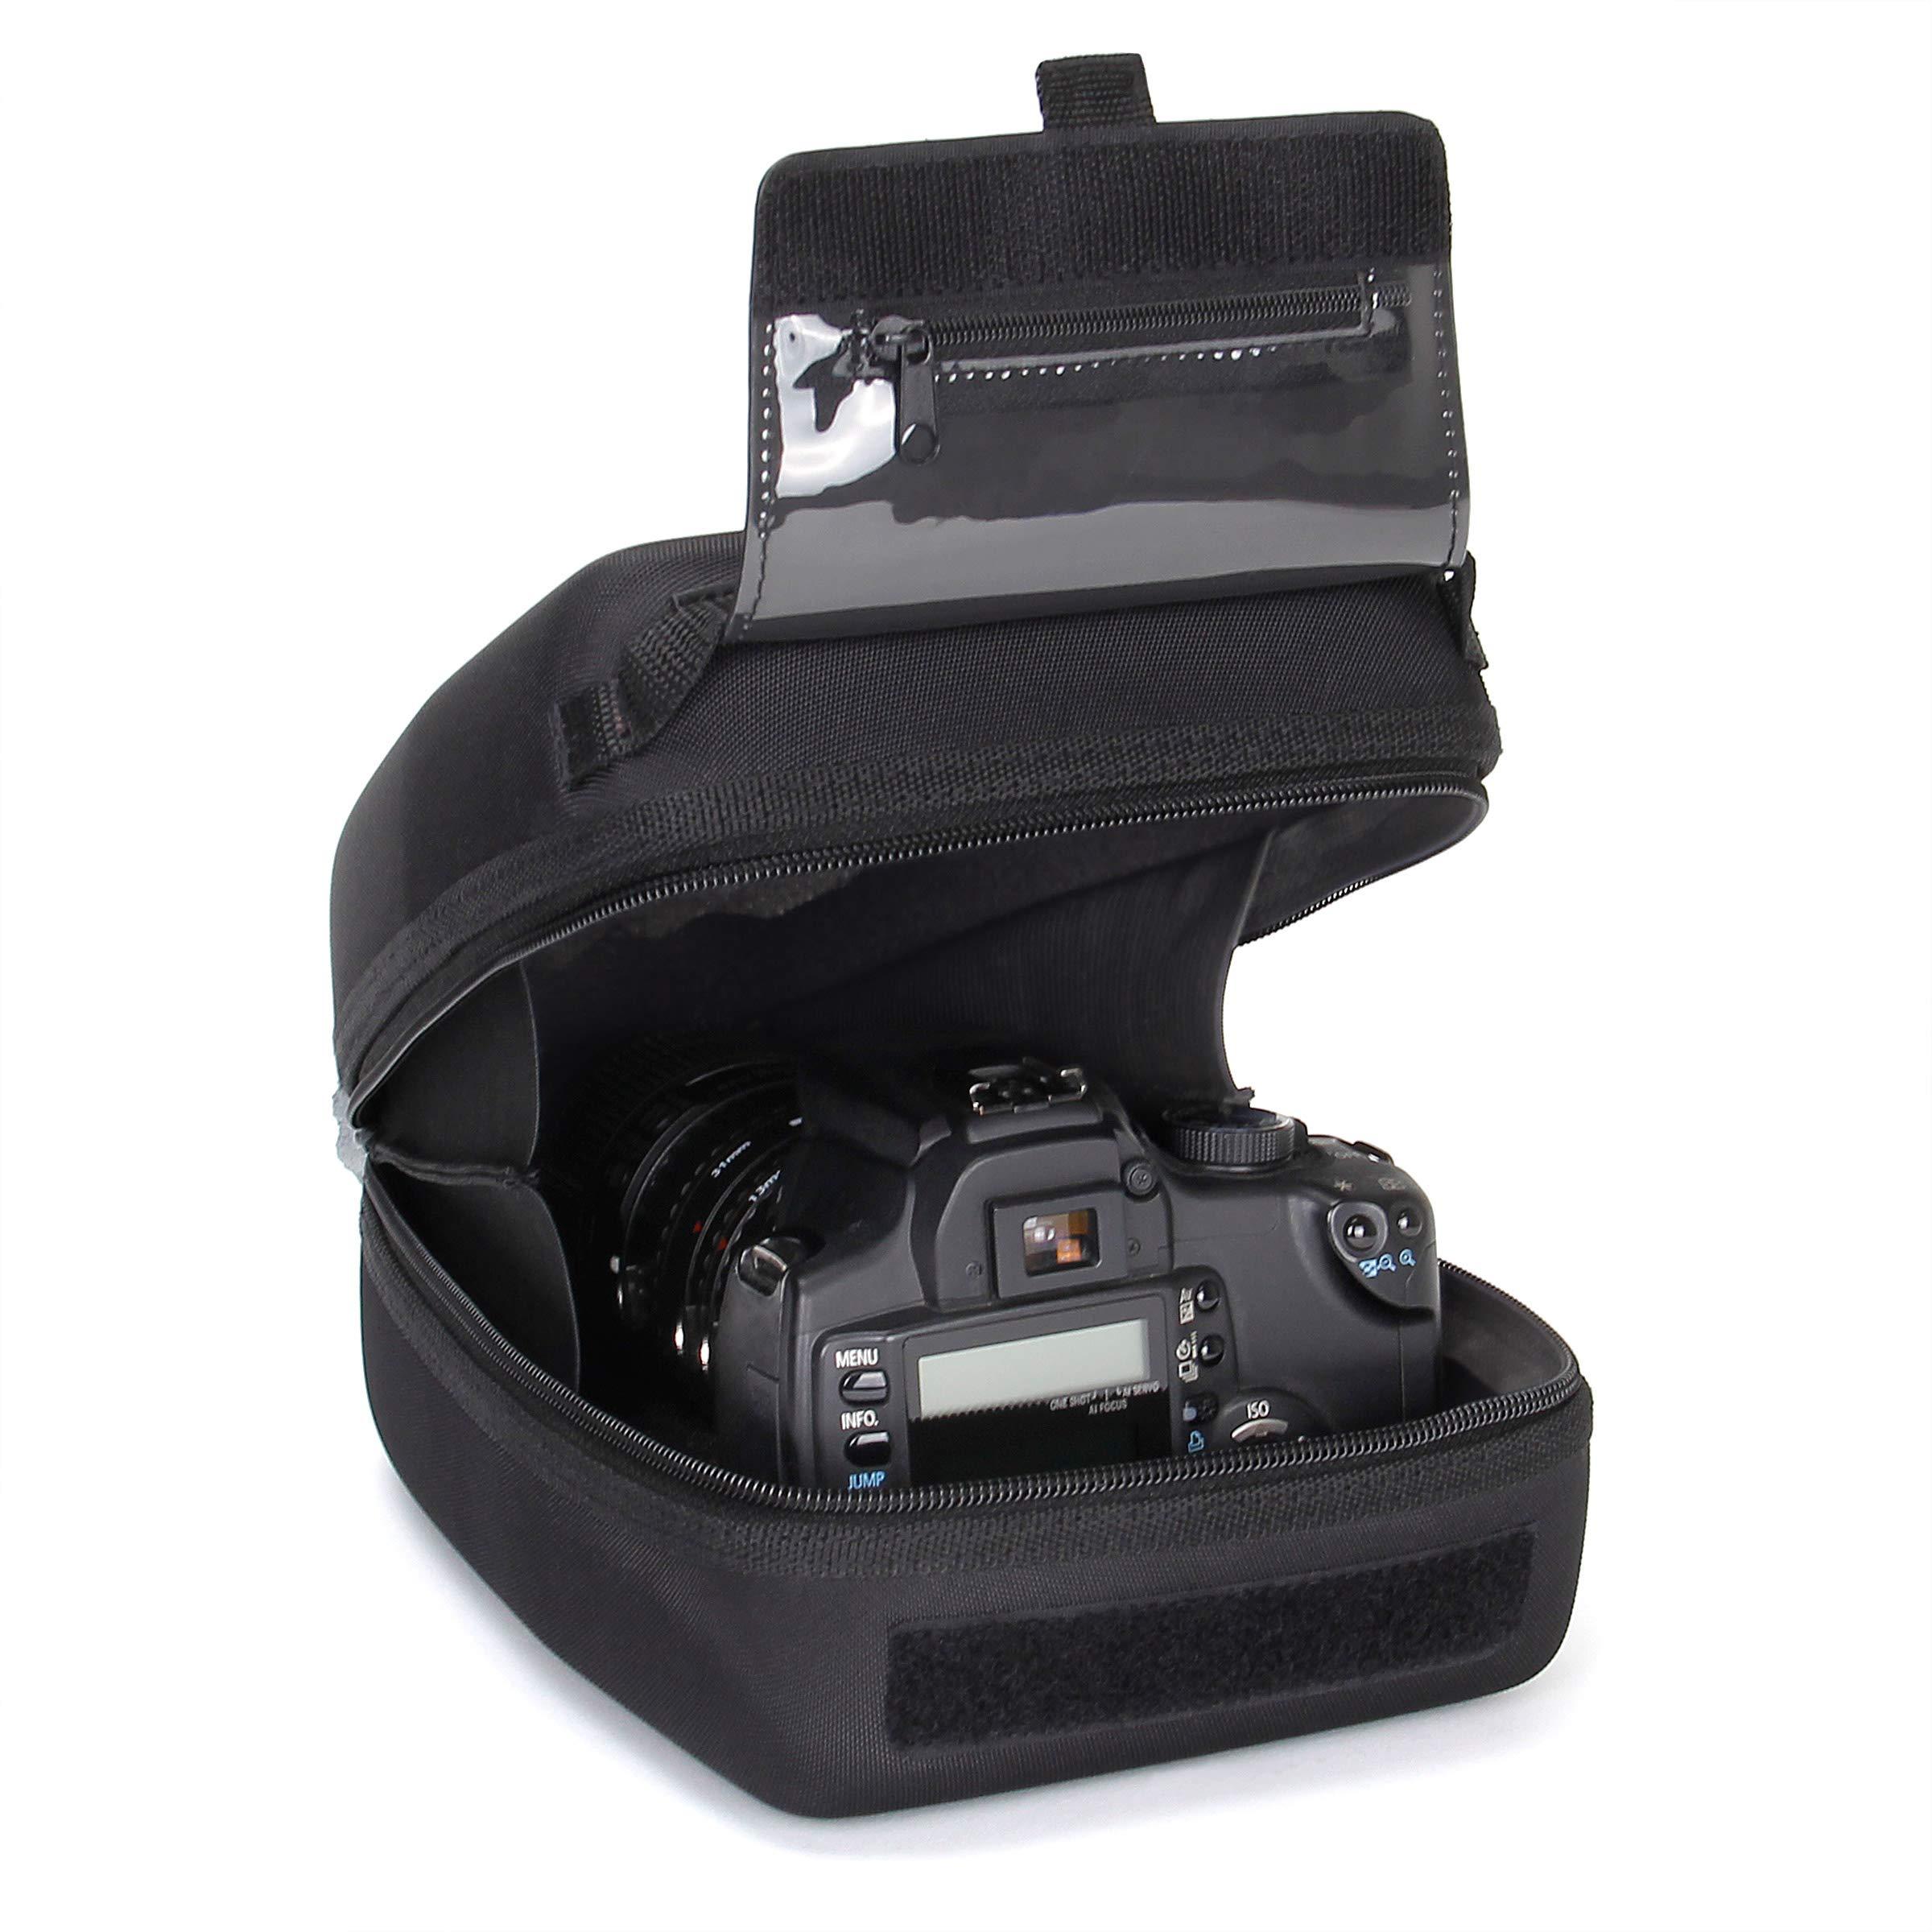 USA Gear Funda Cámara de Fotos Reflex Carcasa rígida y Estuche para Objetivos con Zoom de EVA, Interior Acolchado, Presilla para cinturón y asa de Caucho: Amazon.es: Electrónica